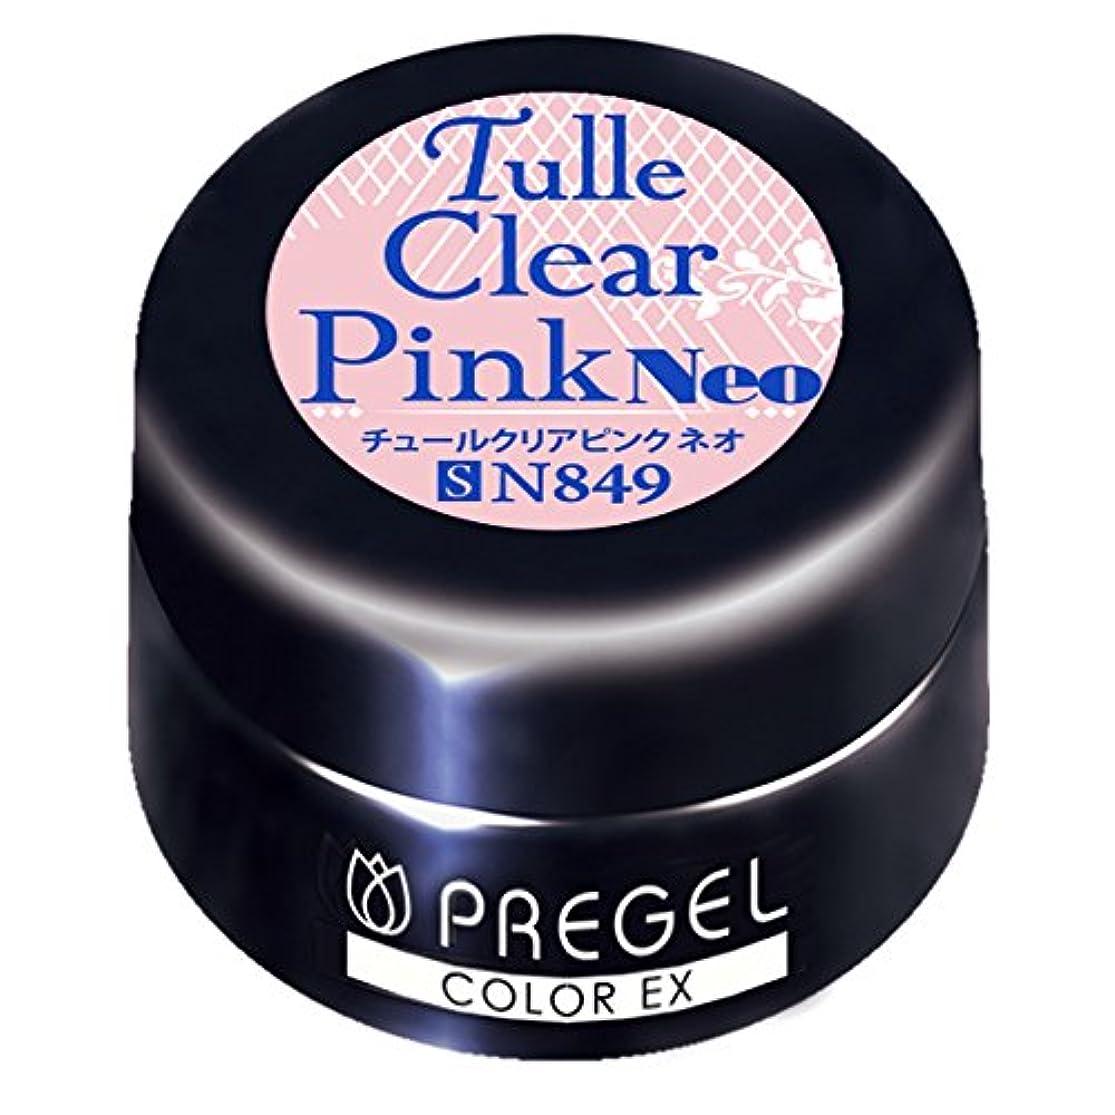 リットル憤る調和のとれたPRE GEL カラーEX チュールクリアピンクneo849 3g UV/LED対応